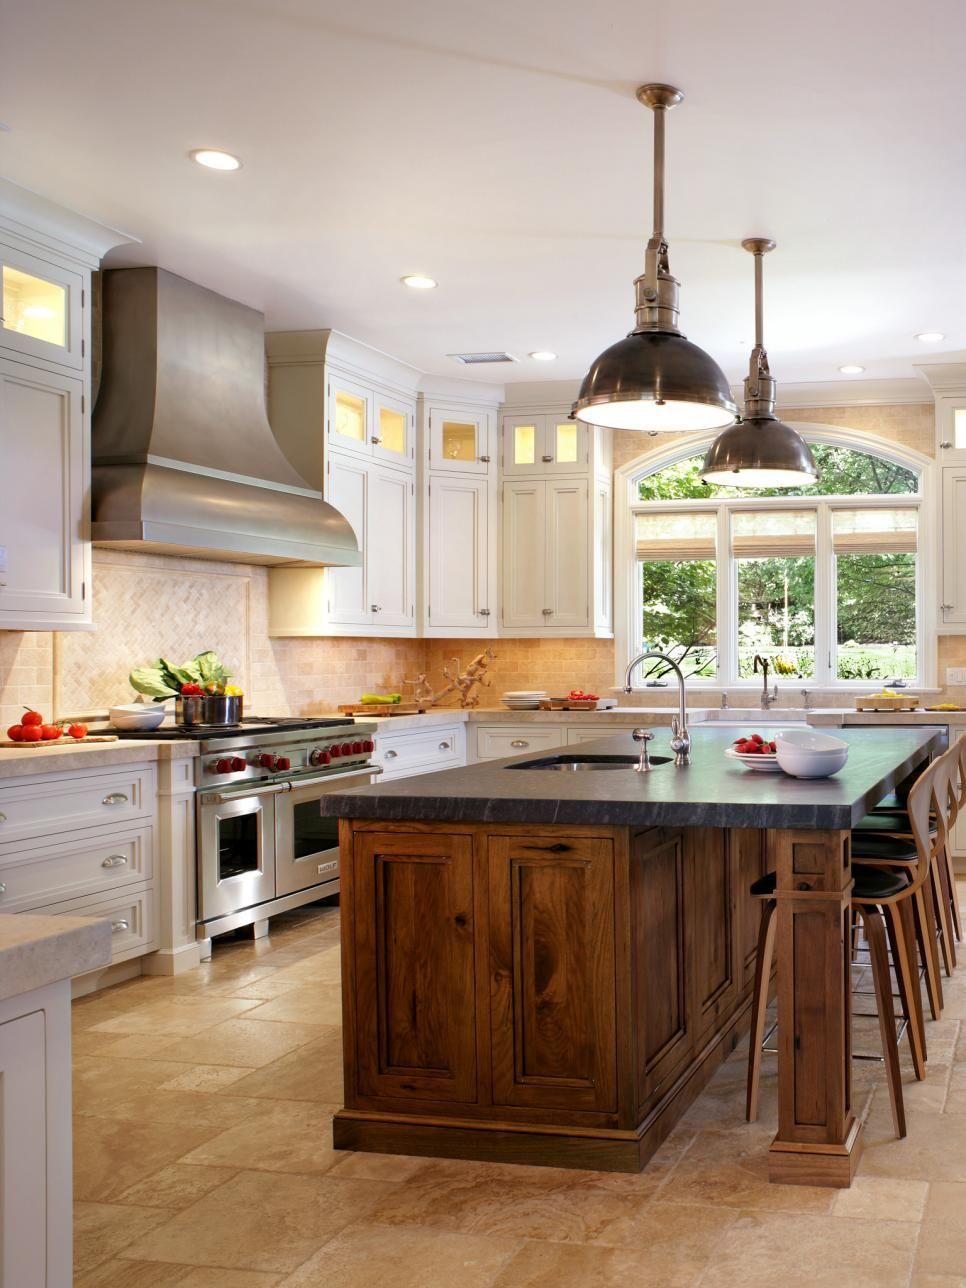 Rooms Viewer Walnut Kitchen Cabinets Kitchen Cabinets Light Wood New Kitchen Cabinets